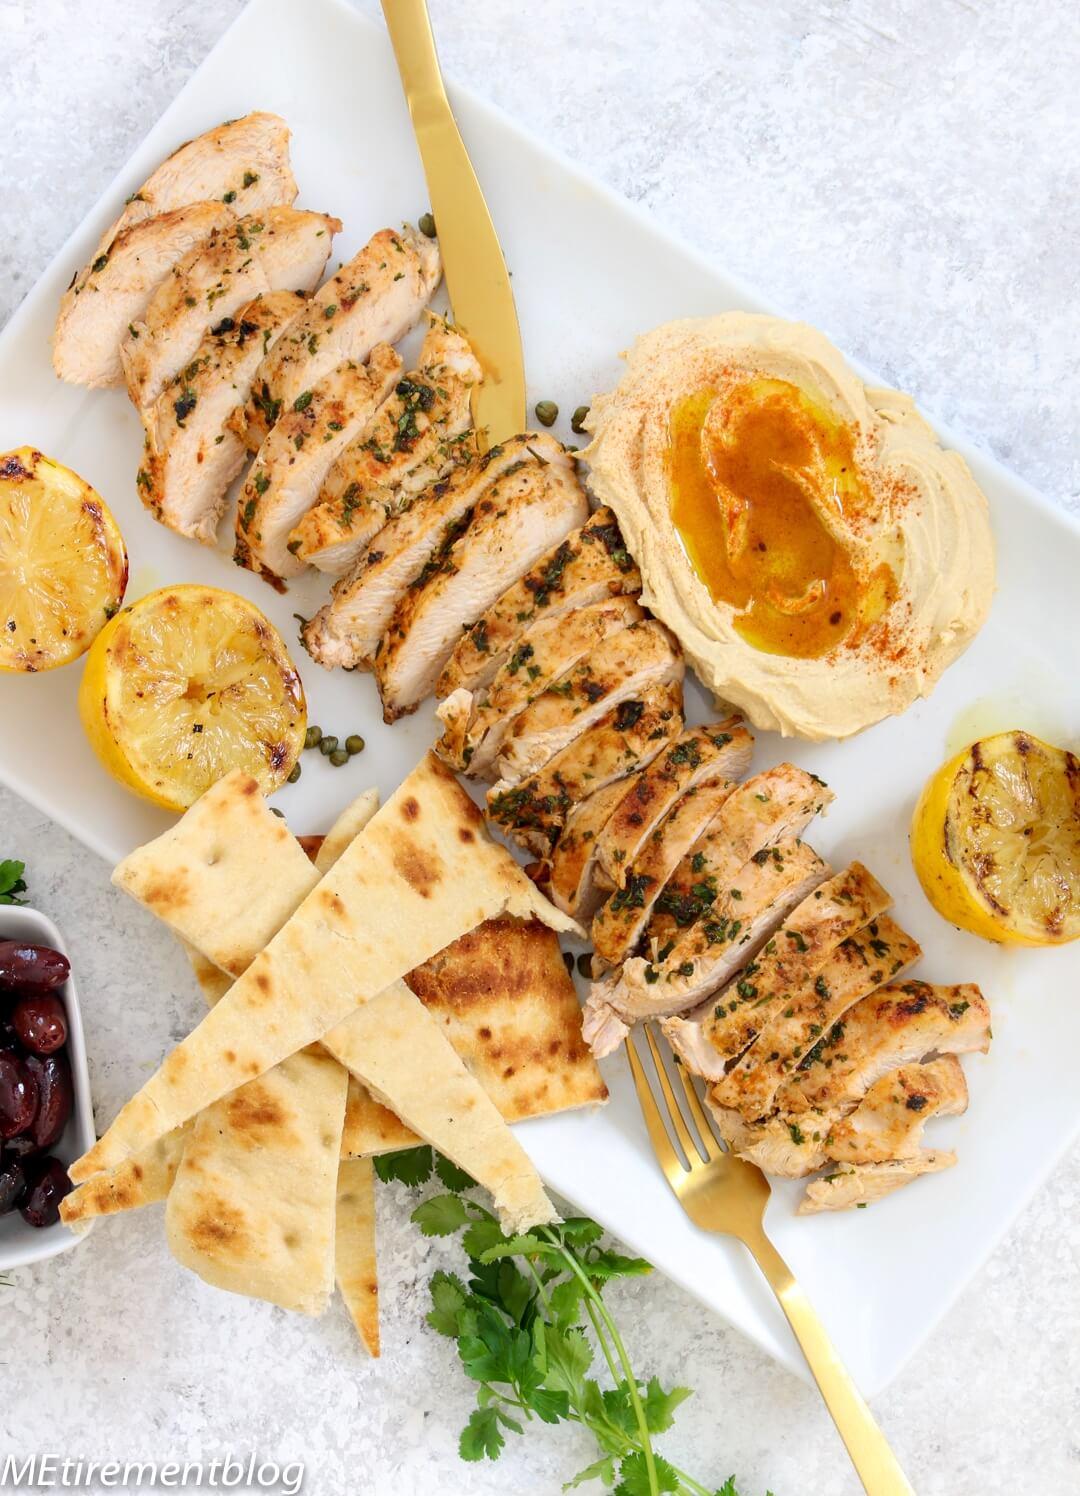 Mediterranean Grilled Chicken Platter With Hummus Eggplant More